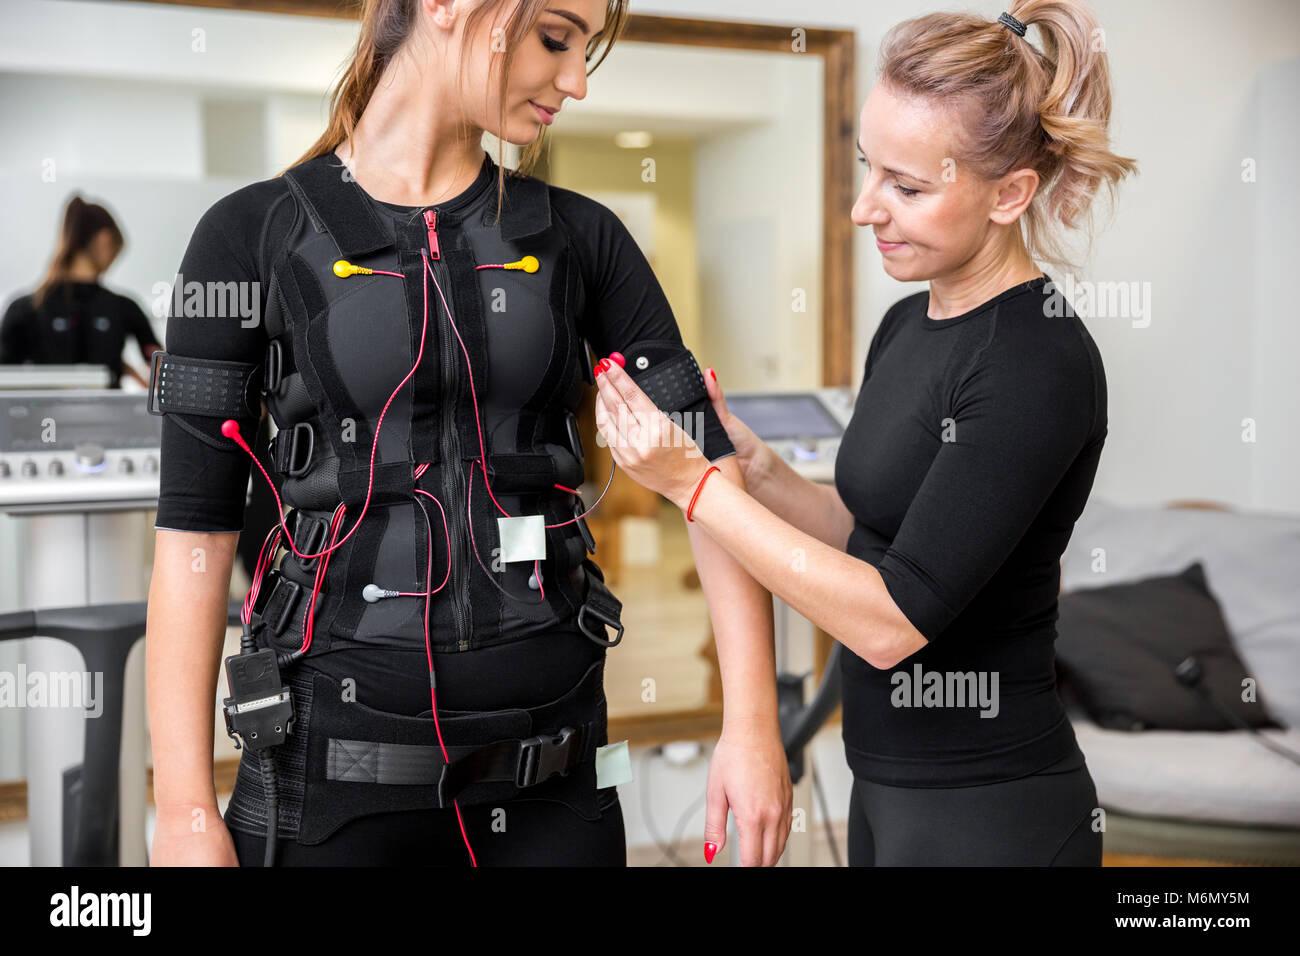 Retrato de un entrenador personal colocando ems diodos en mujer joven Imagen De Stock